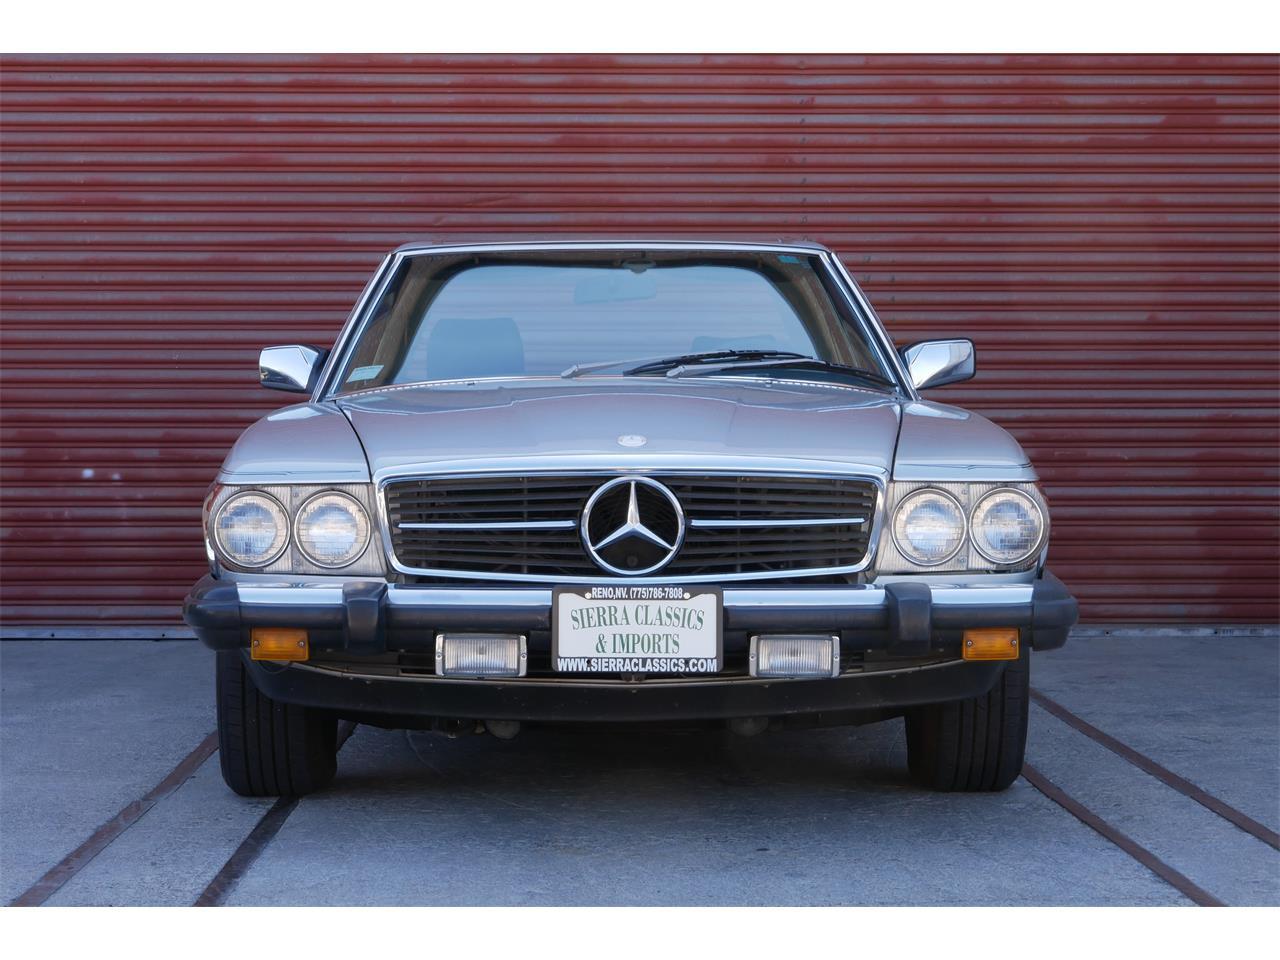 1985 Mercedes-Benz 380SL (CC-1362961) for sale in Reno, Nevada